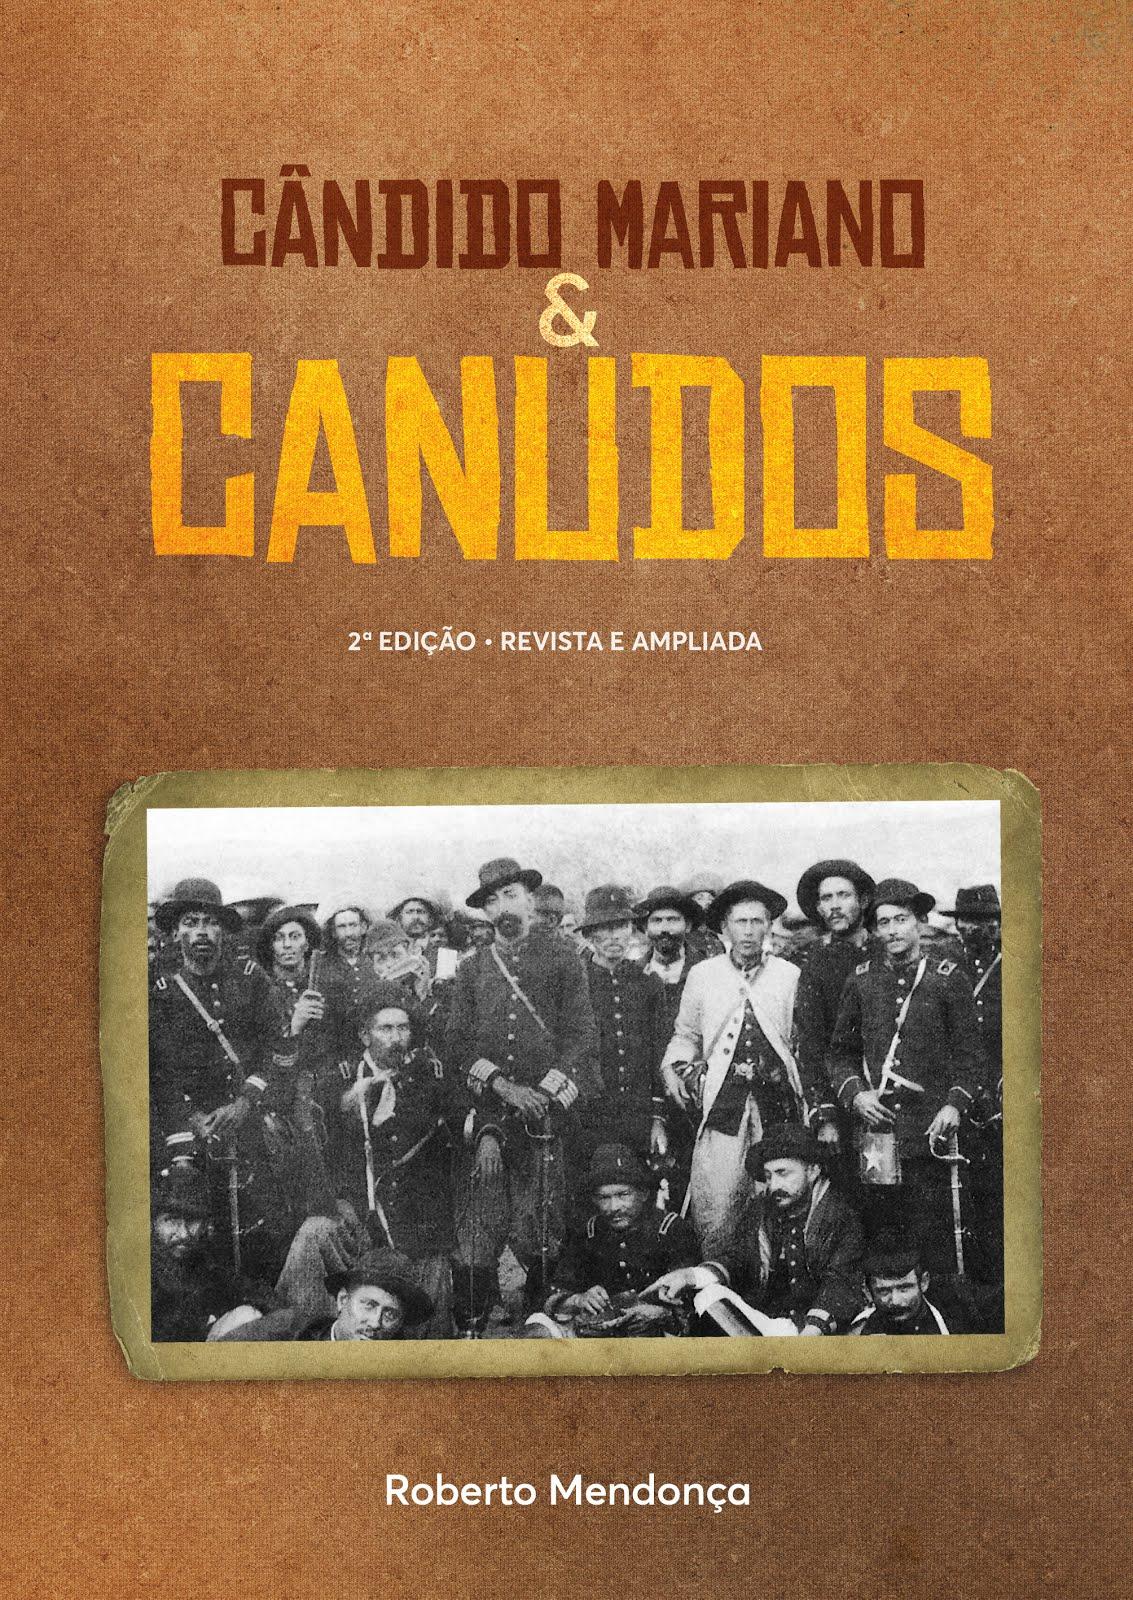 CÂNDIDO MARIANO & CANUDOS